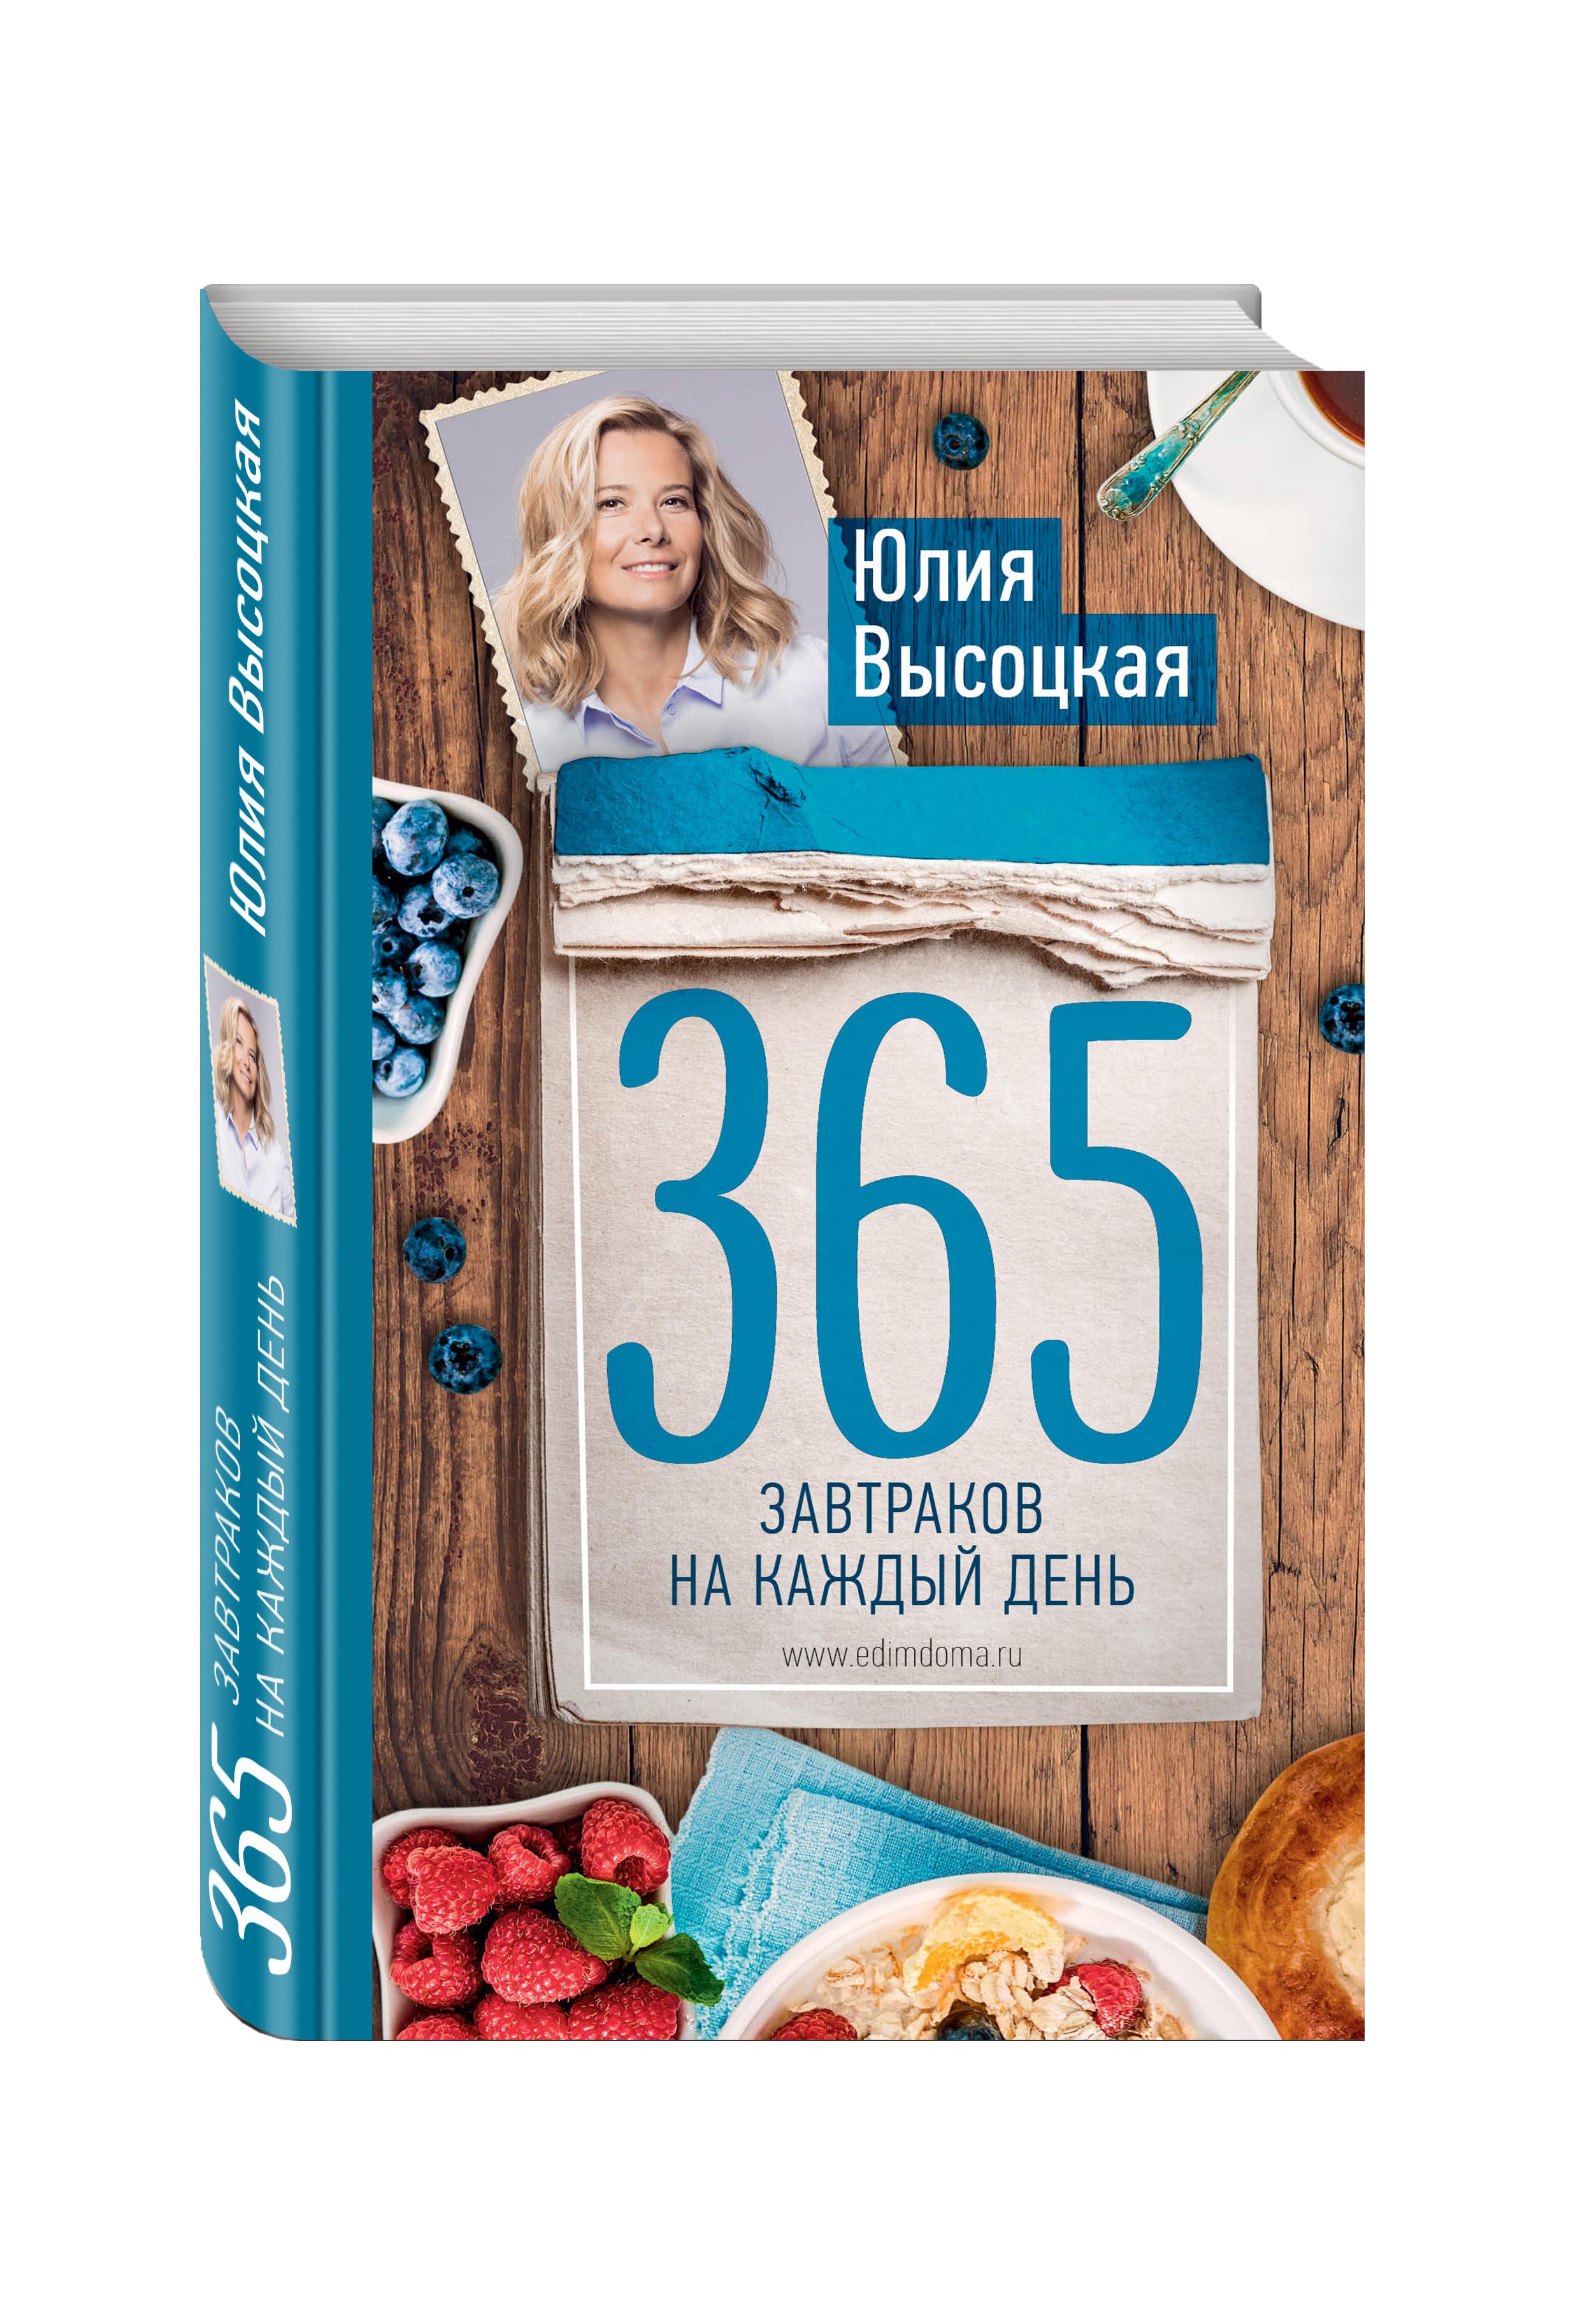 Высоцкая Ю.А. 365 завтраков на каждый день юлия высоцкая быстрые завтраки